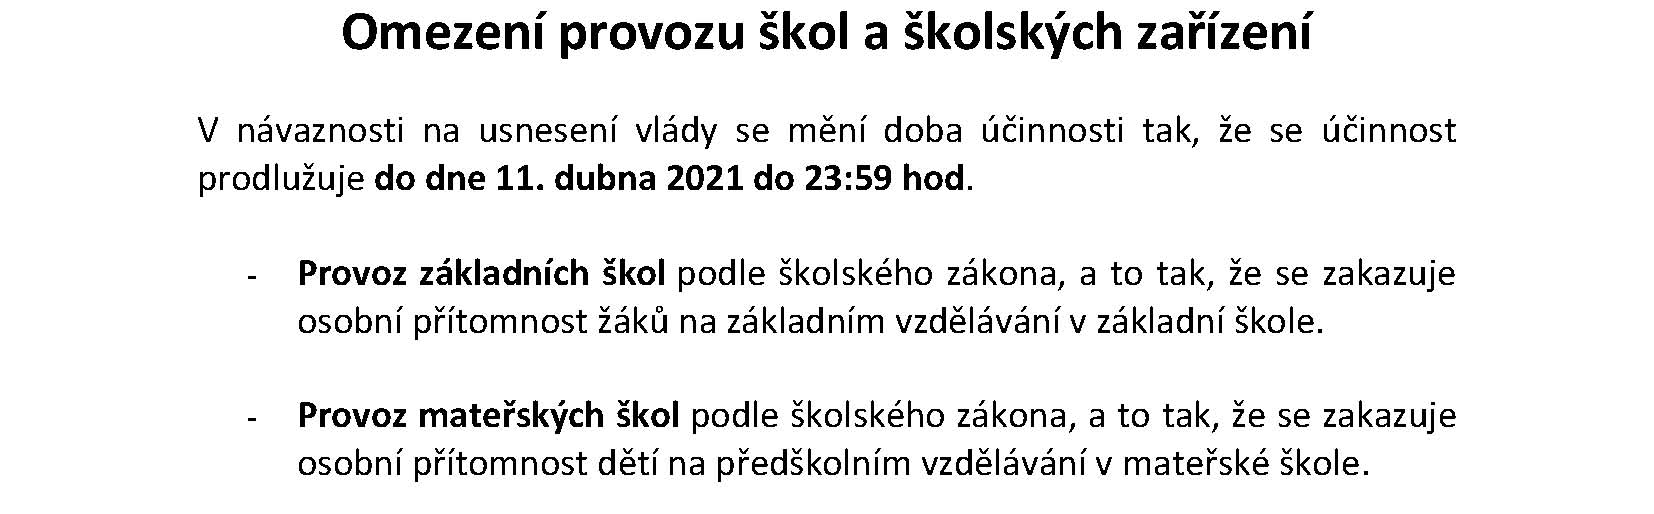 omezeni provozu brezen 2021